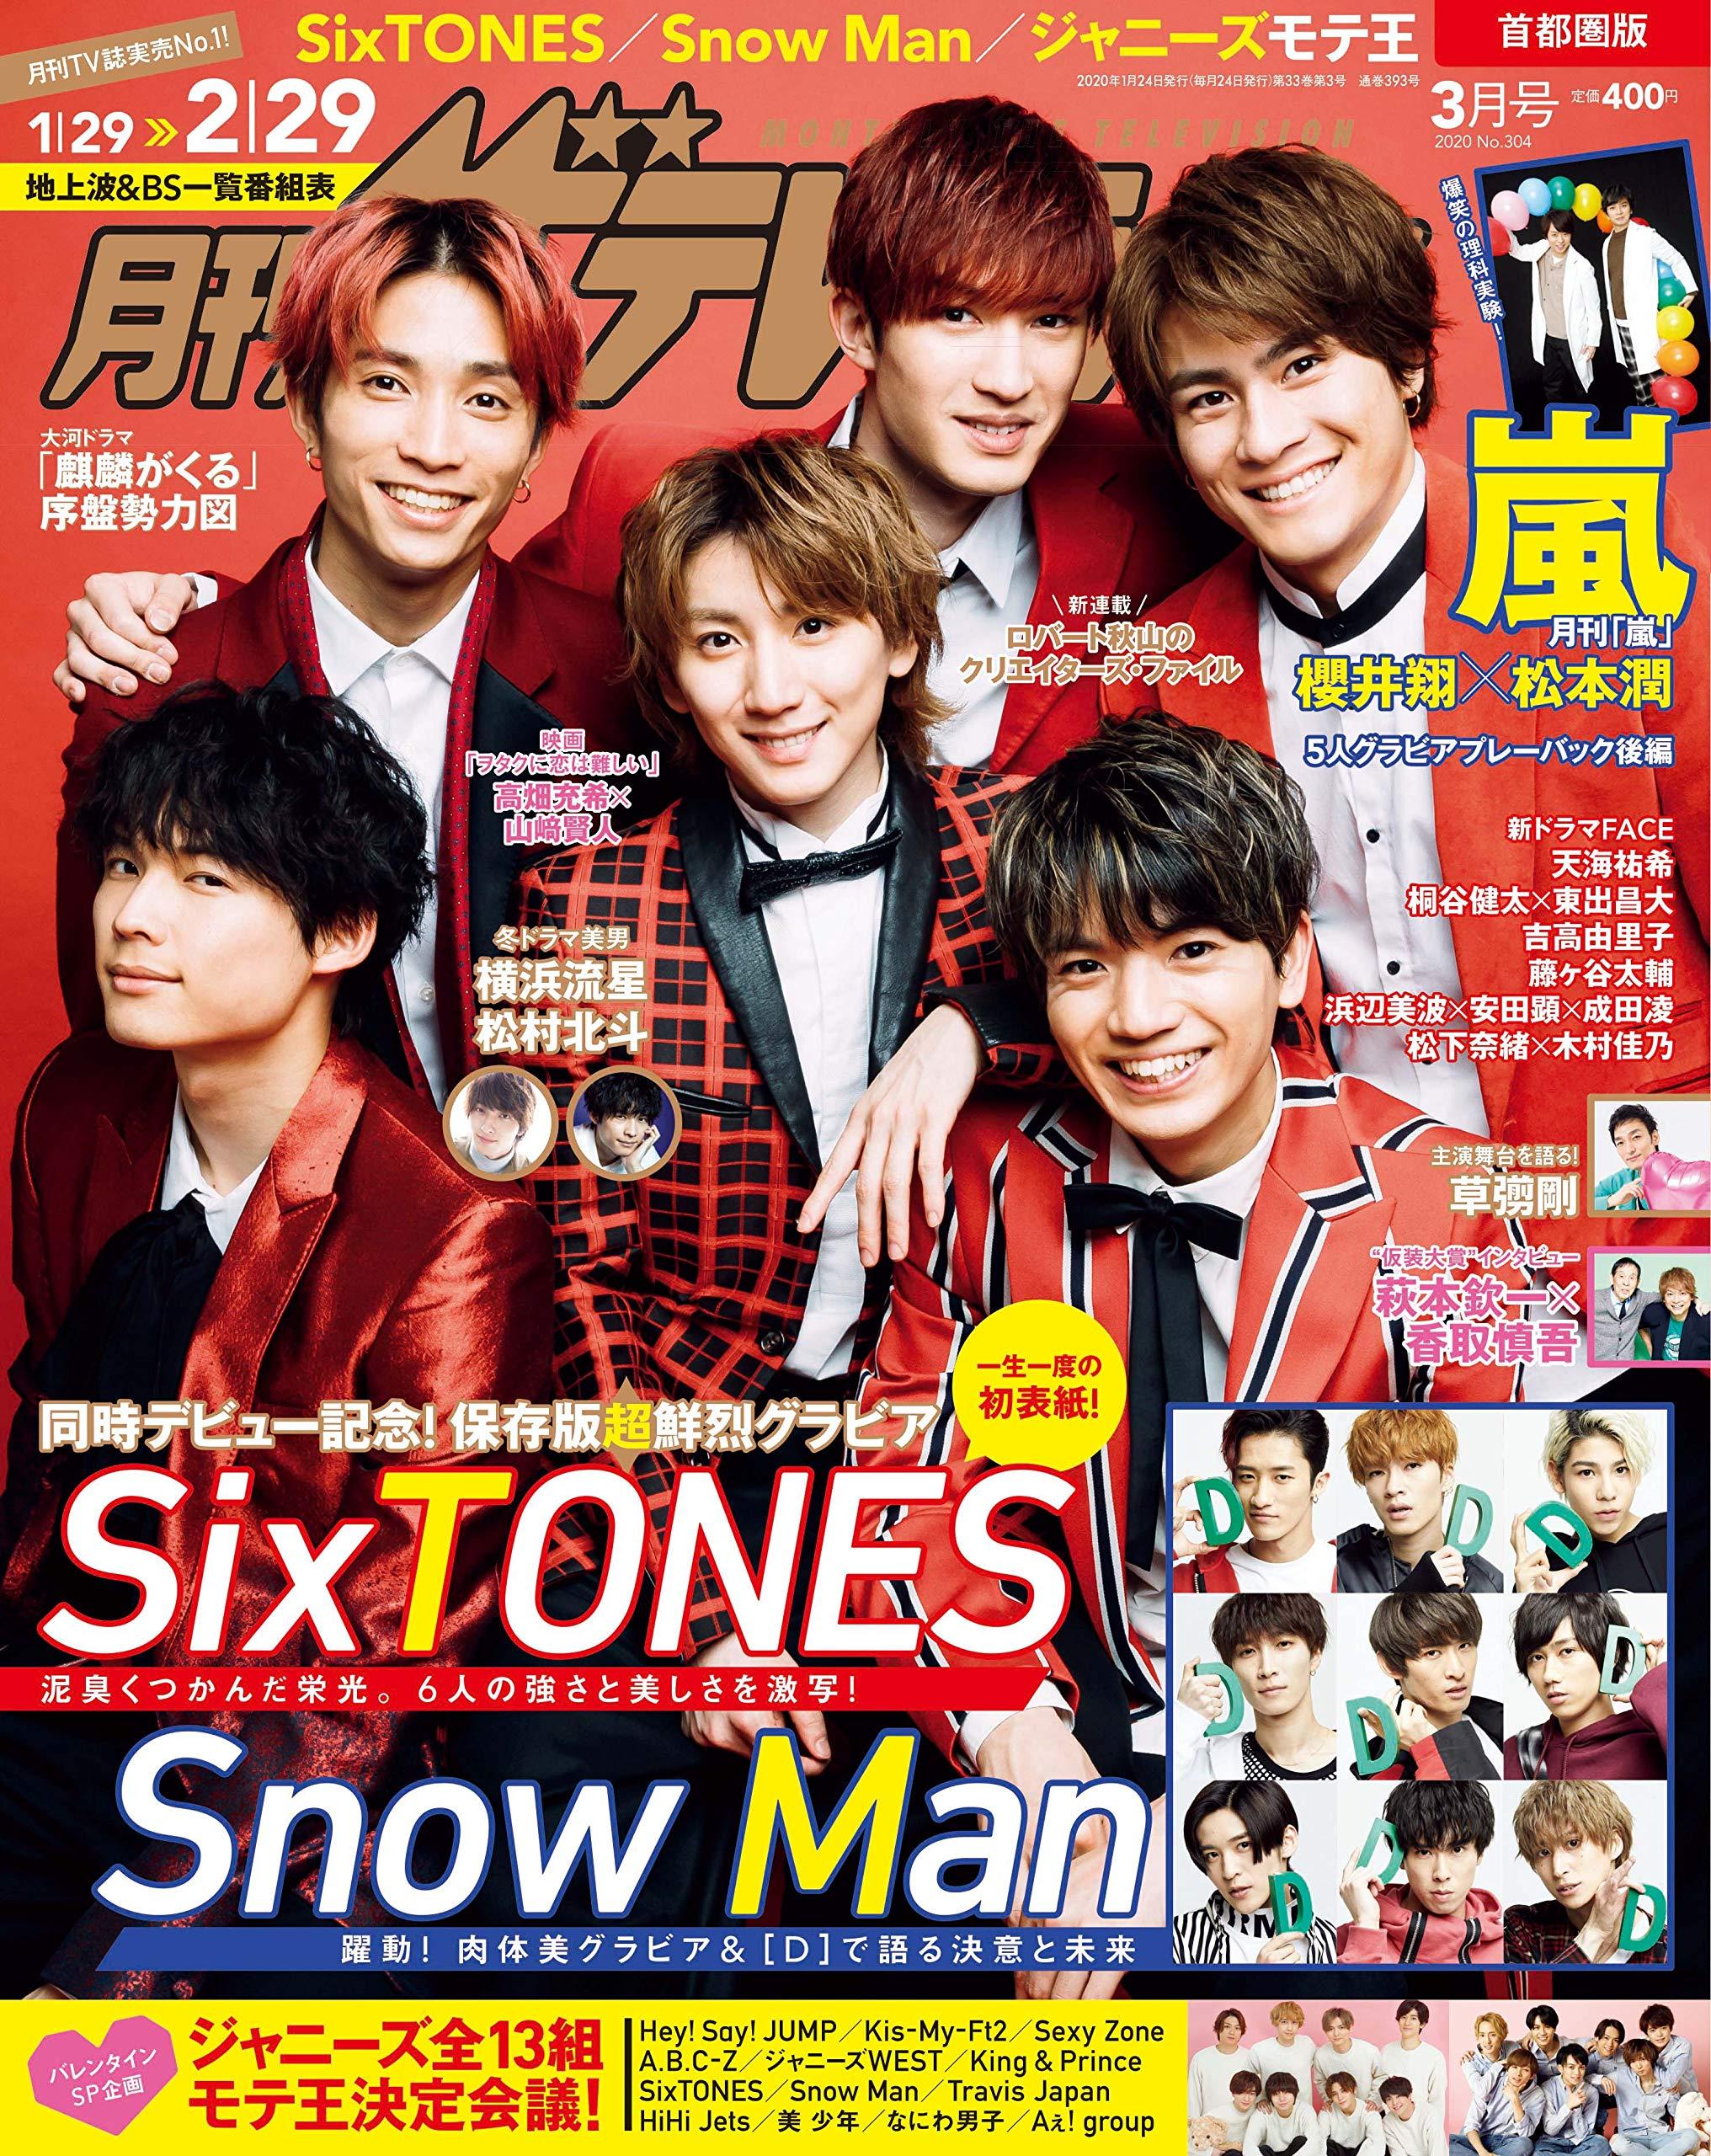 雑誌 テレビ ジョン